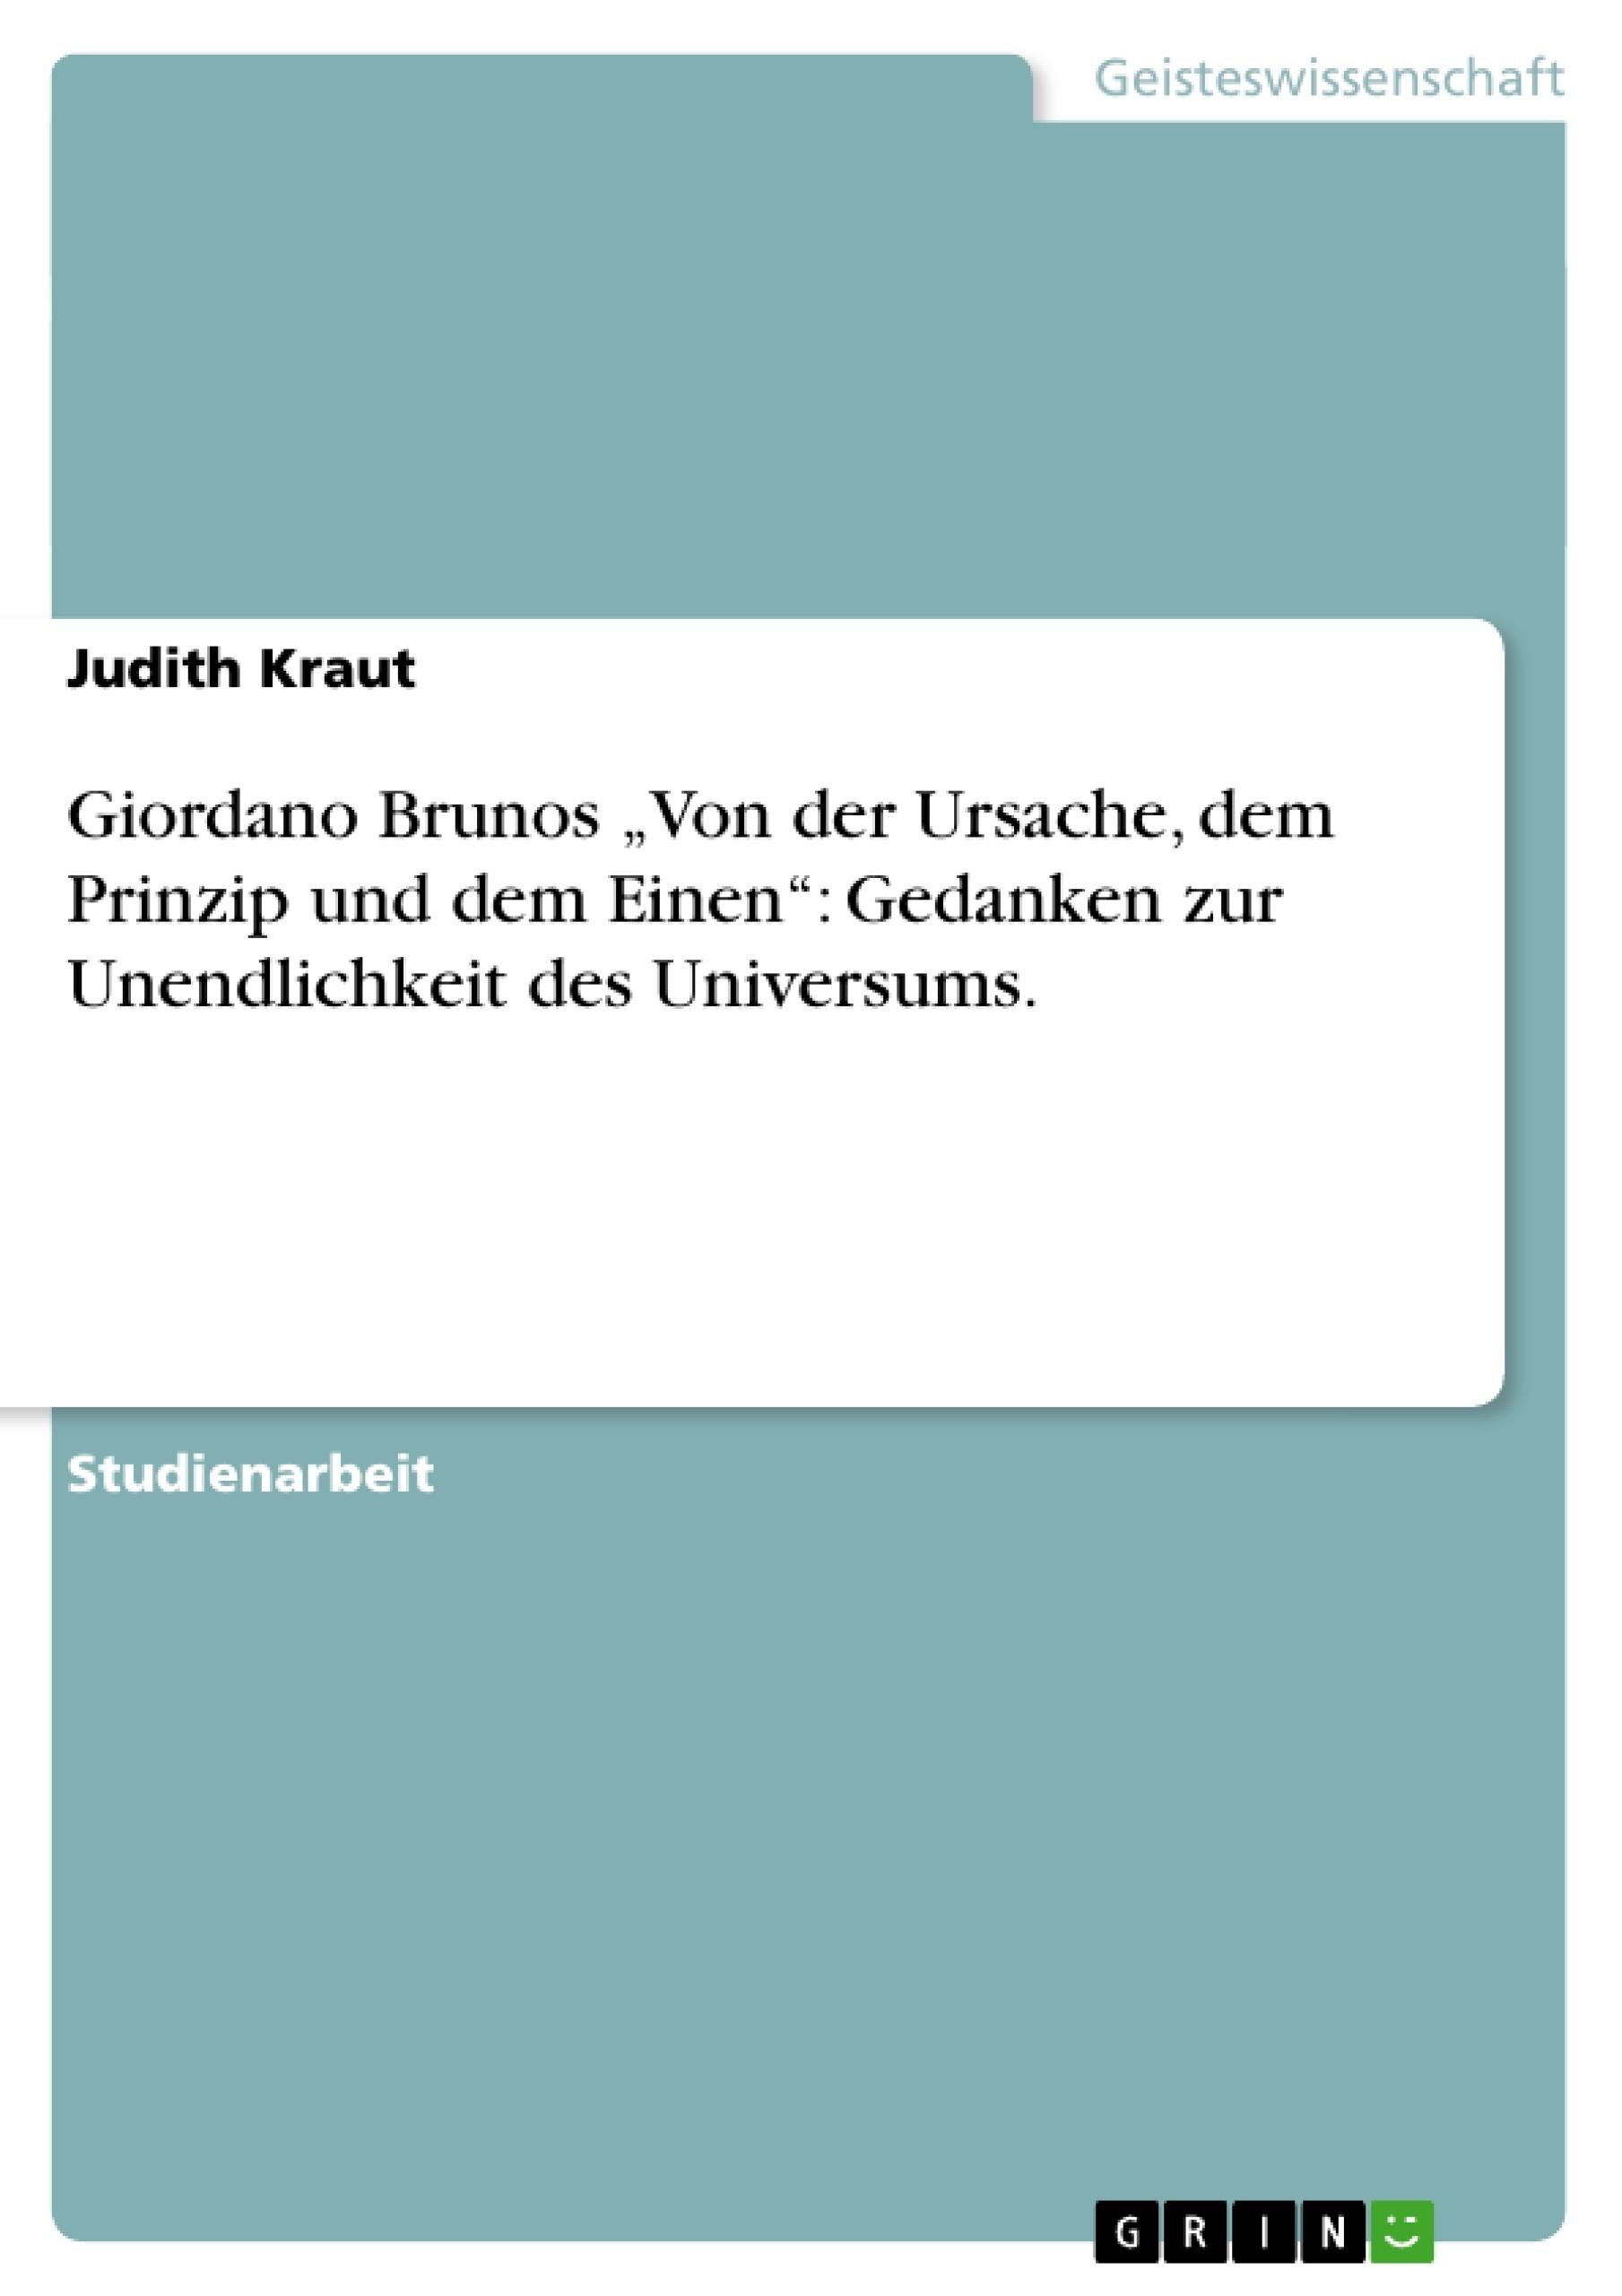 """Titel: Giordano Brunos """"Von der Ursache, dem Prinzip und dem Einen"""":  Gedanken zur Unendlichkeit des Universums."""